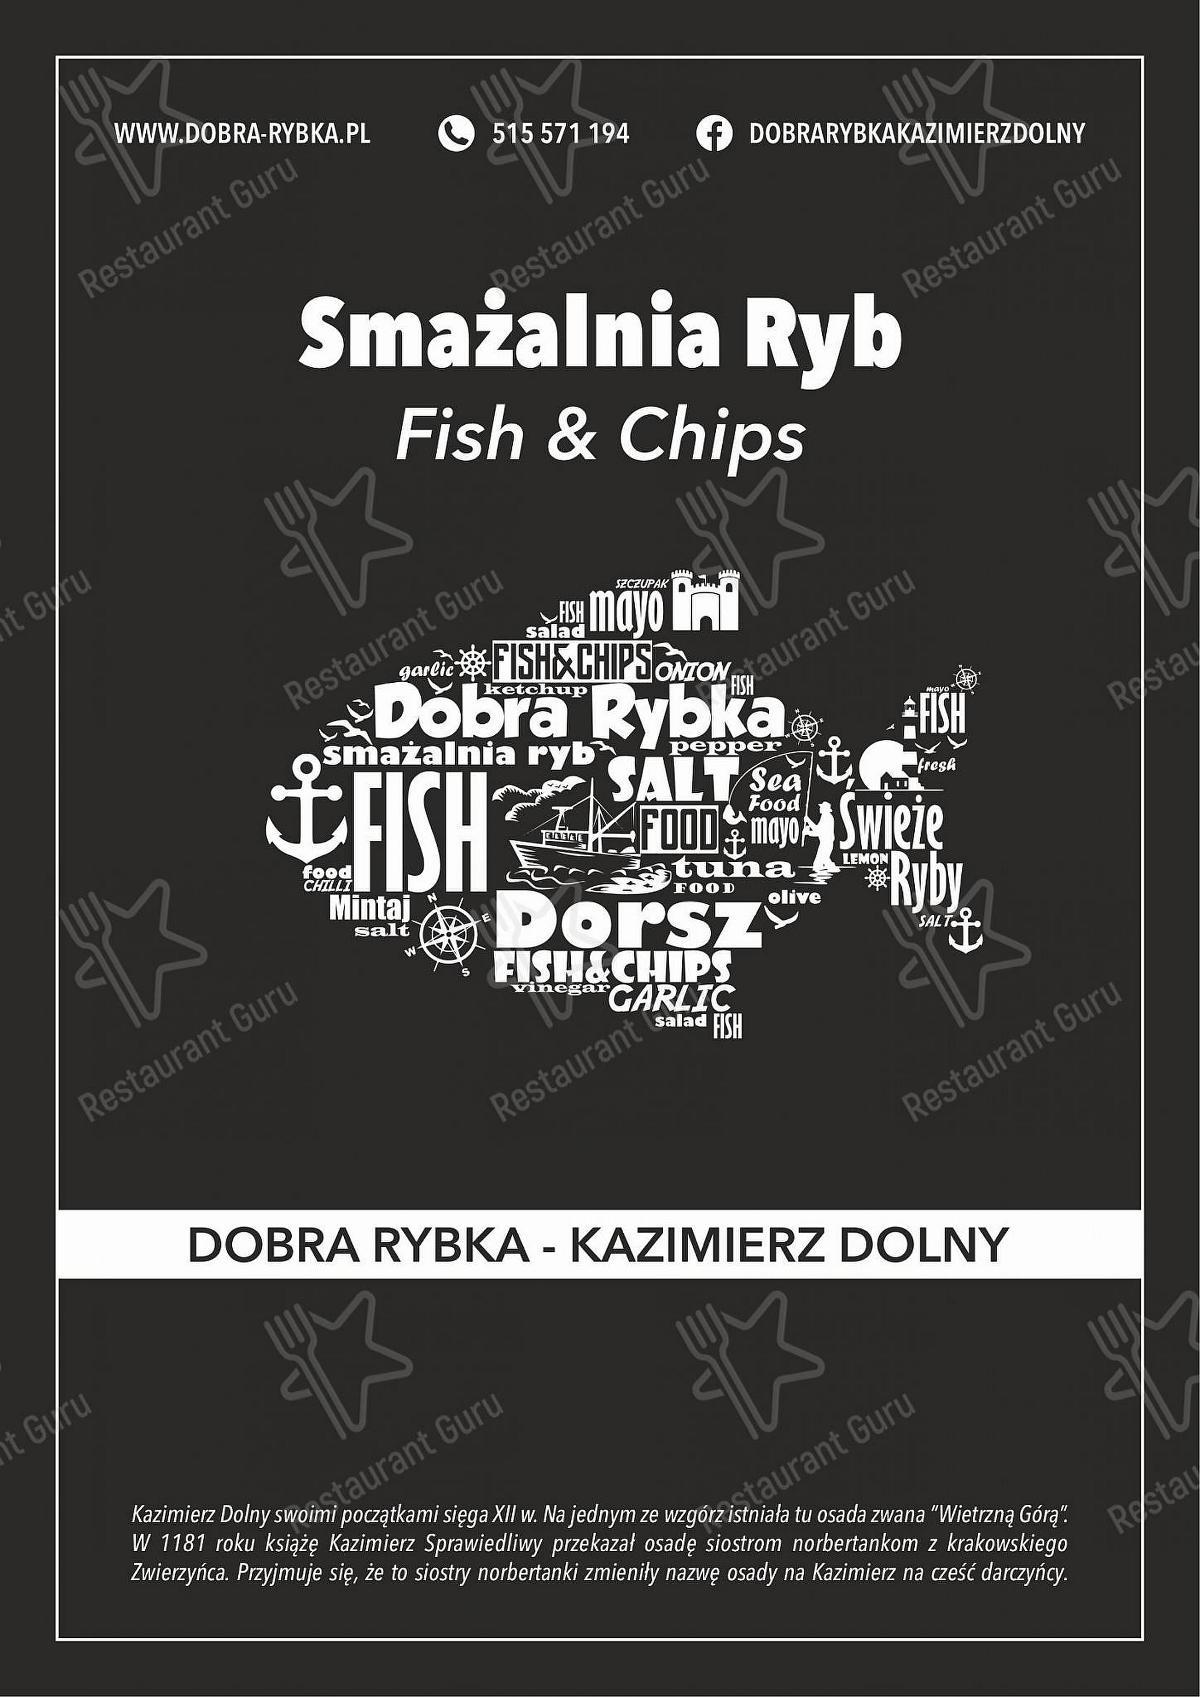 Menu for the Smażalnia Ryb Dobra Rybka Fish & Chips - Kazimierz Dolny   Obiady   Dorsz   Sandacz   Miętus   Pstrąg   Frytki belgijskie   napoje   smażona ryba restaurant